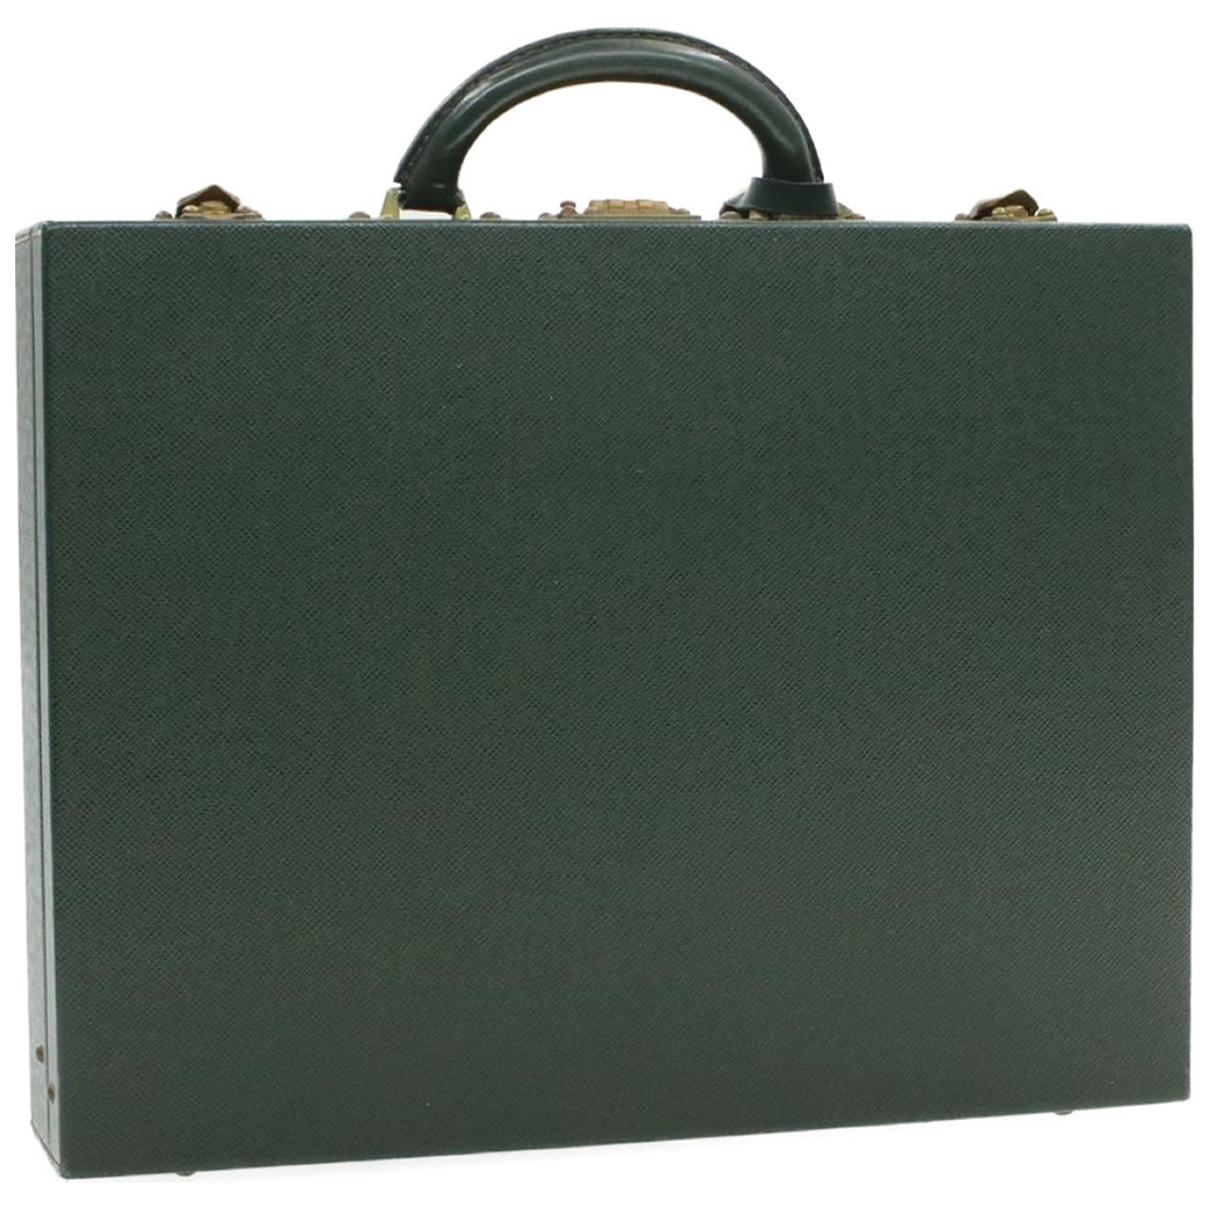 Louis Vuitton - Sac a main   pour femme en cuir - beige